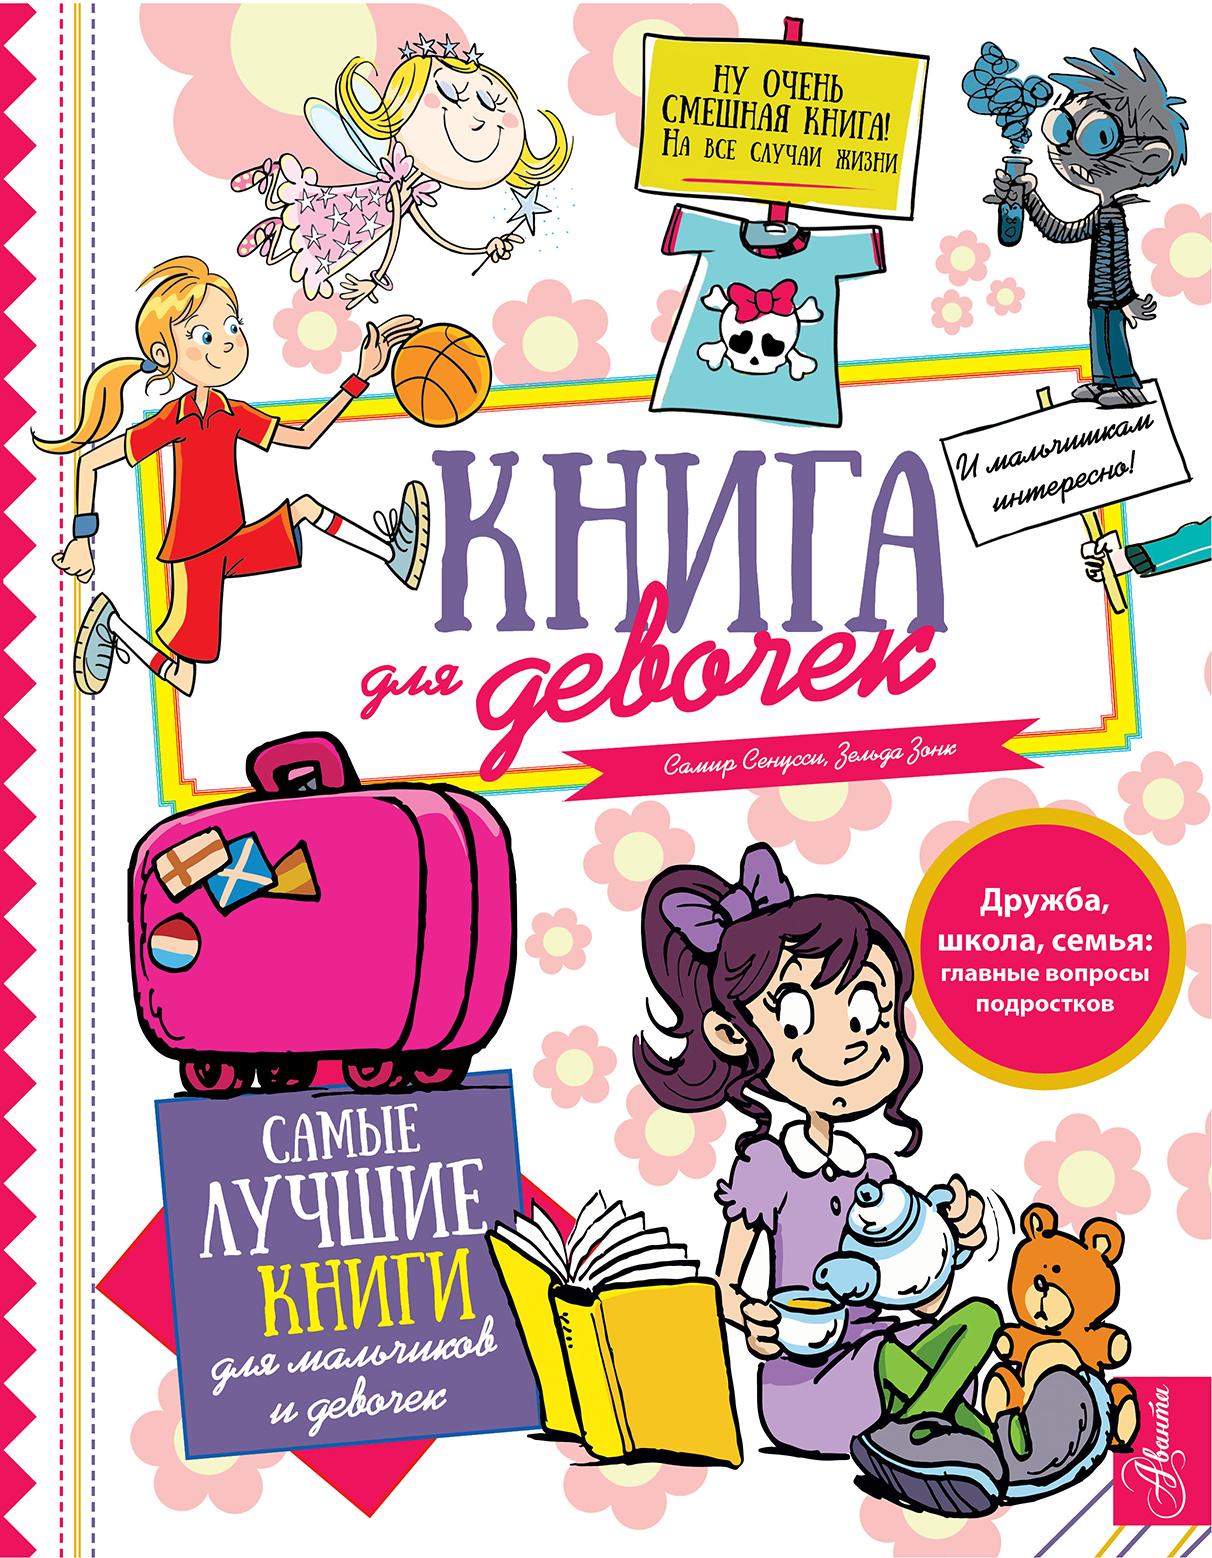 Книга для девочек золотая книга для девочек